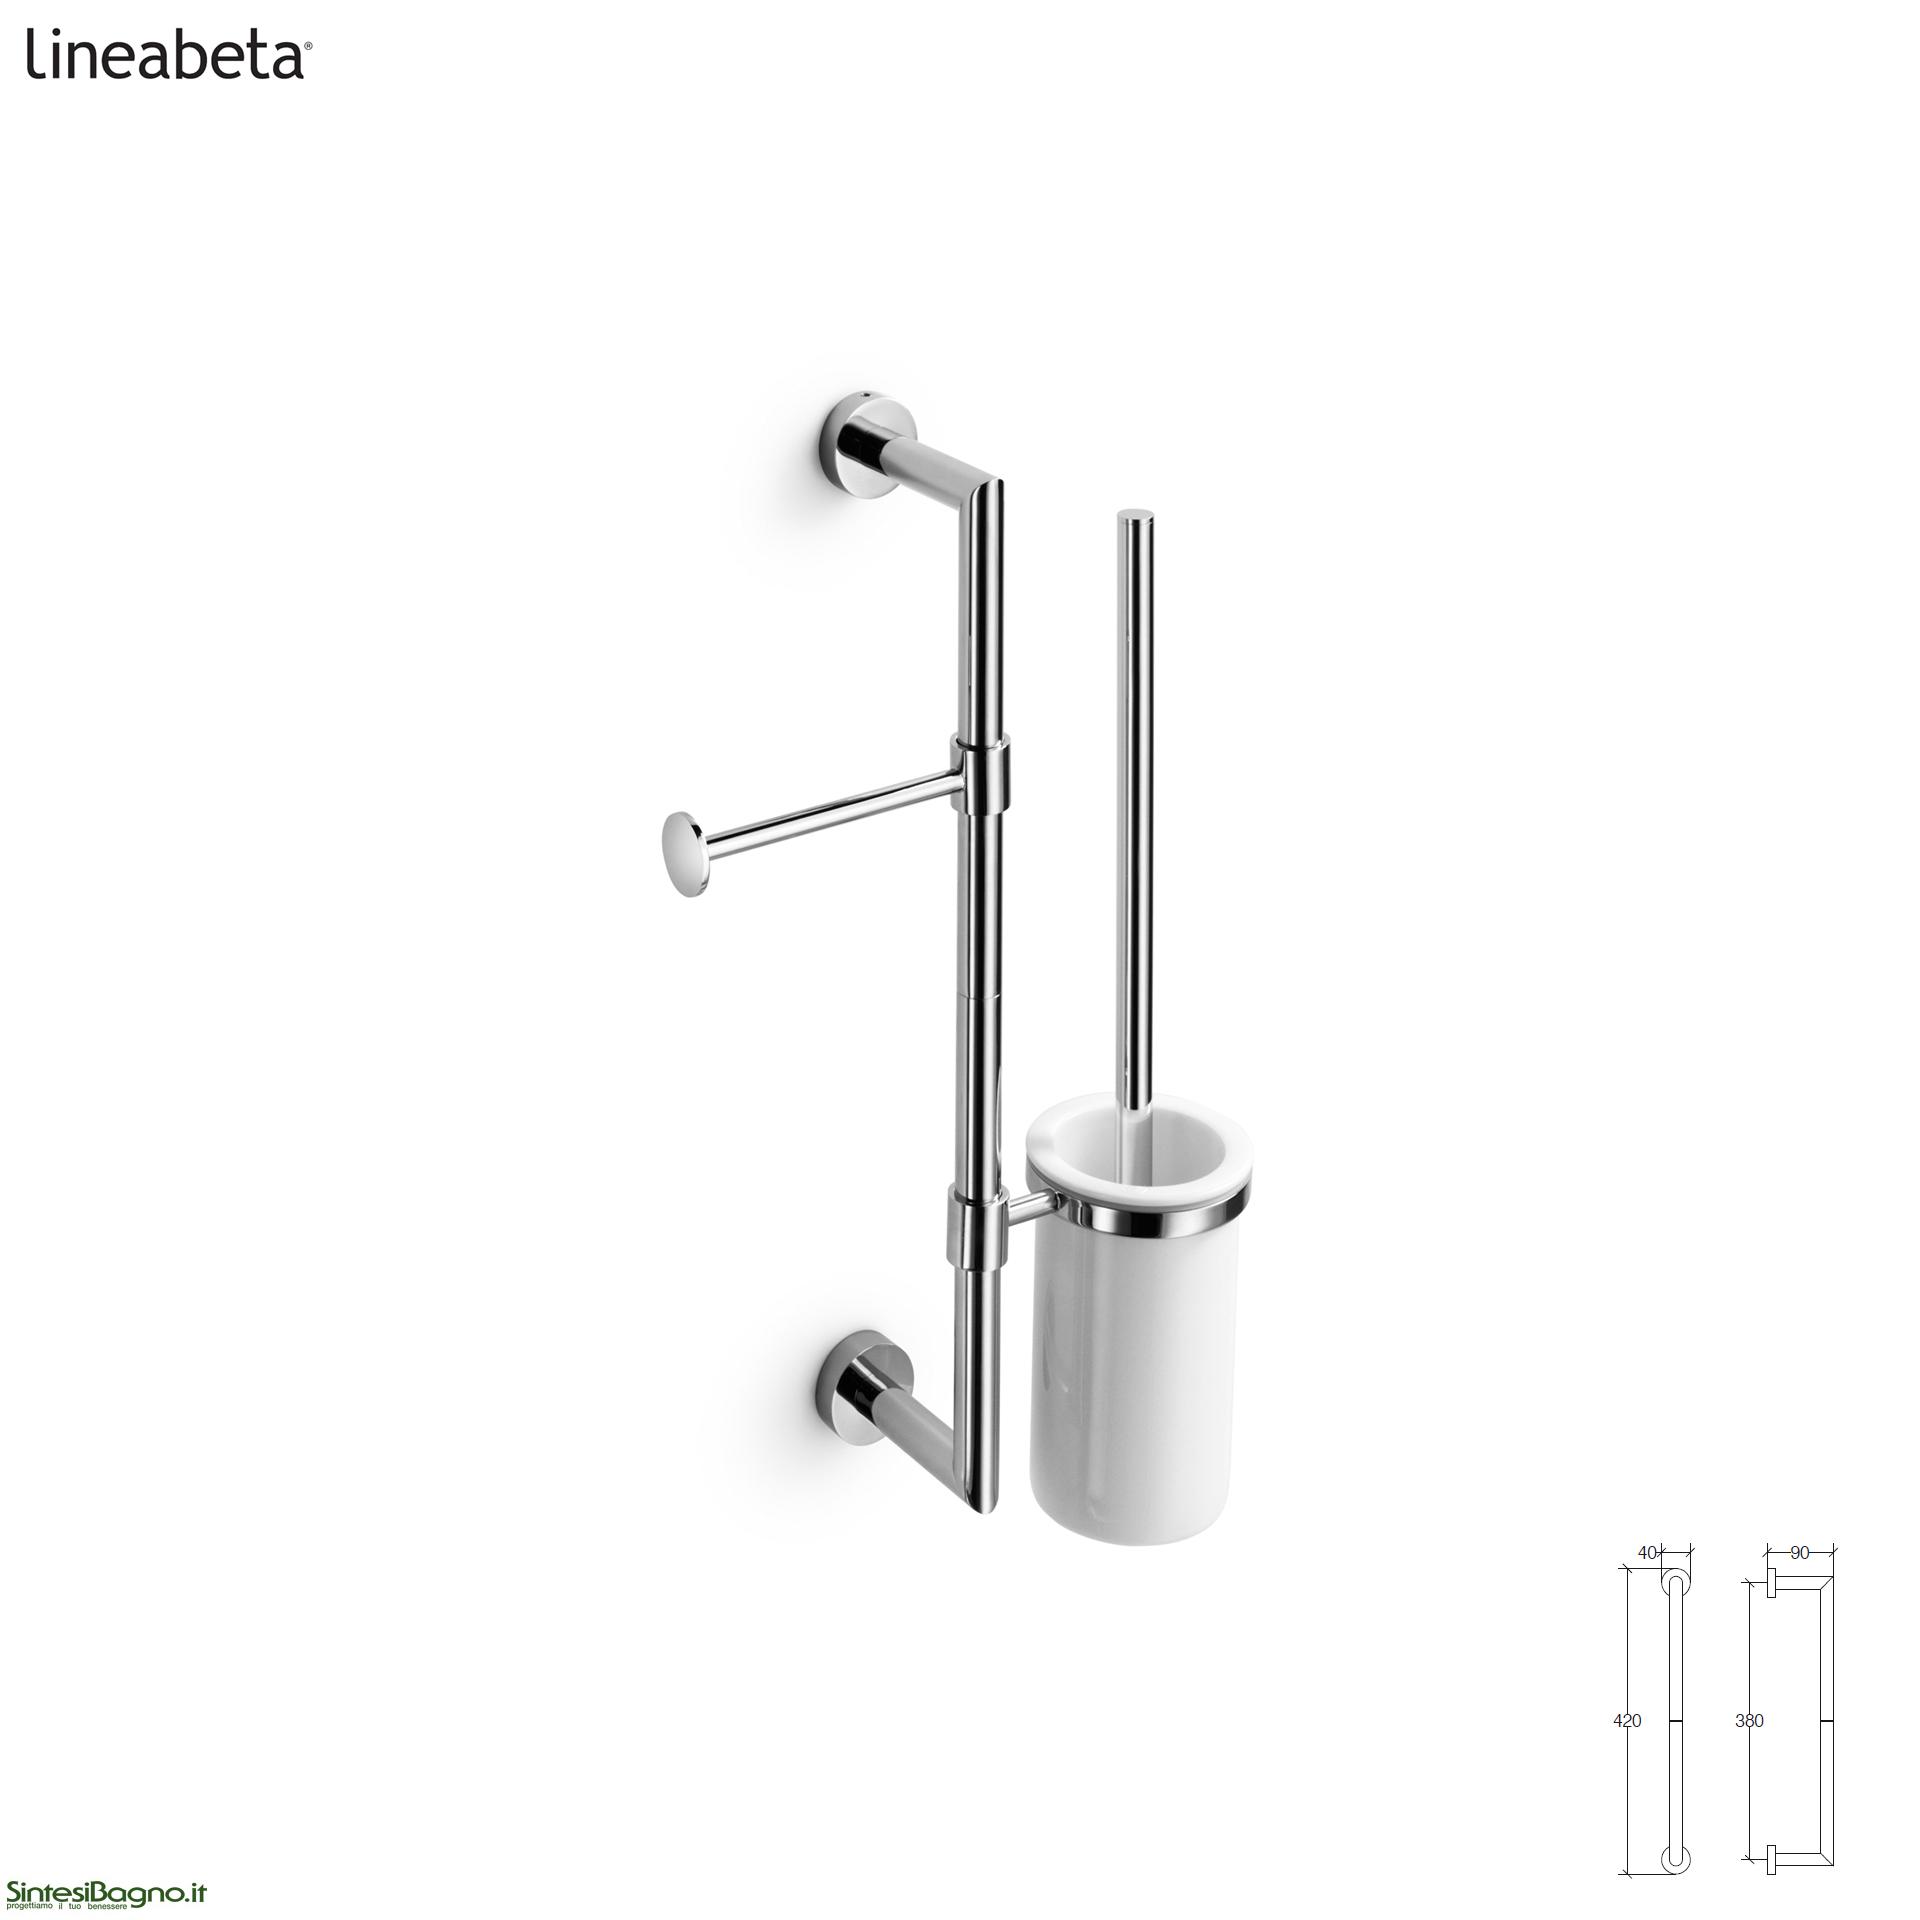 Barre attrezzabili per accessori bagno